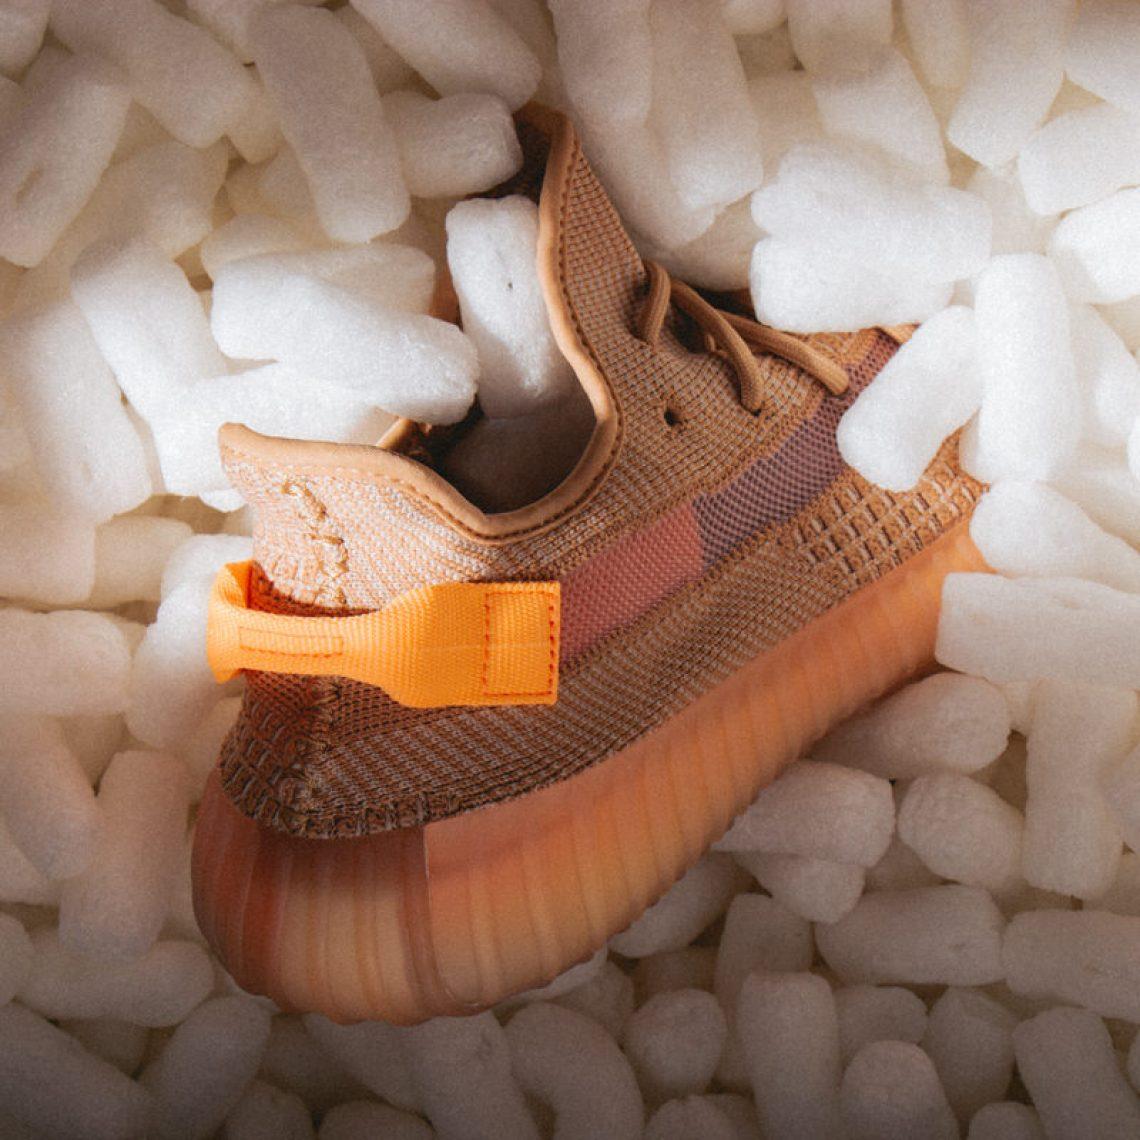 356640b5575 adidas Yeezy Boost 350 V2